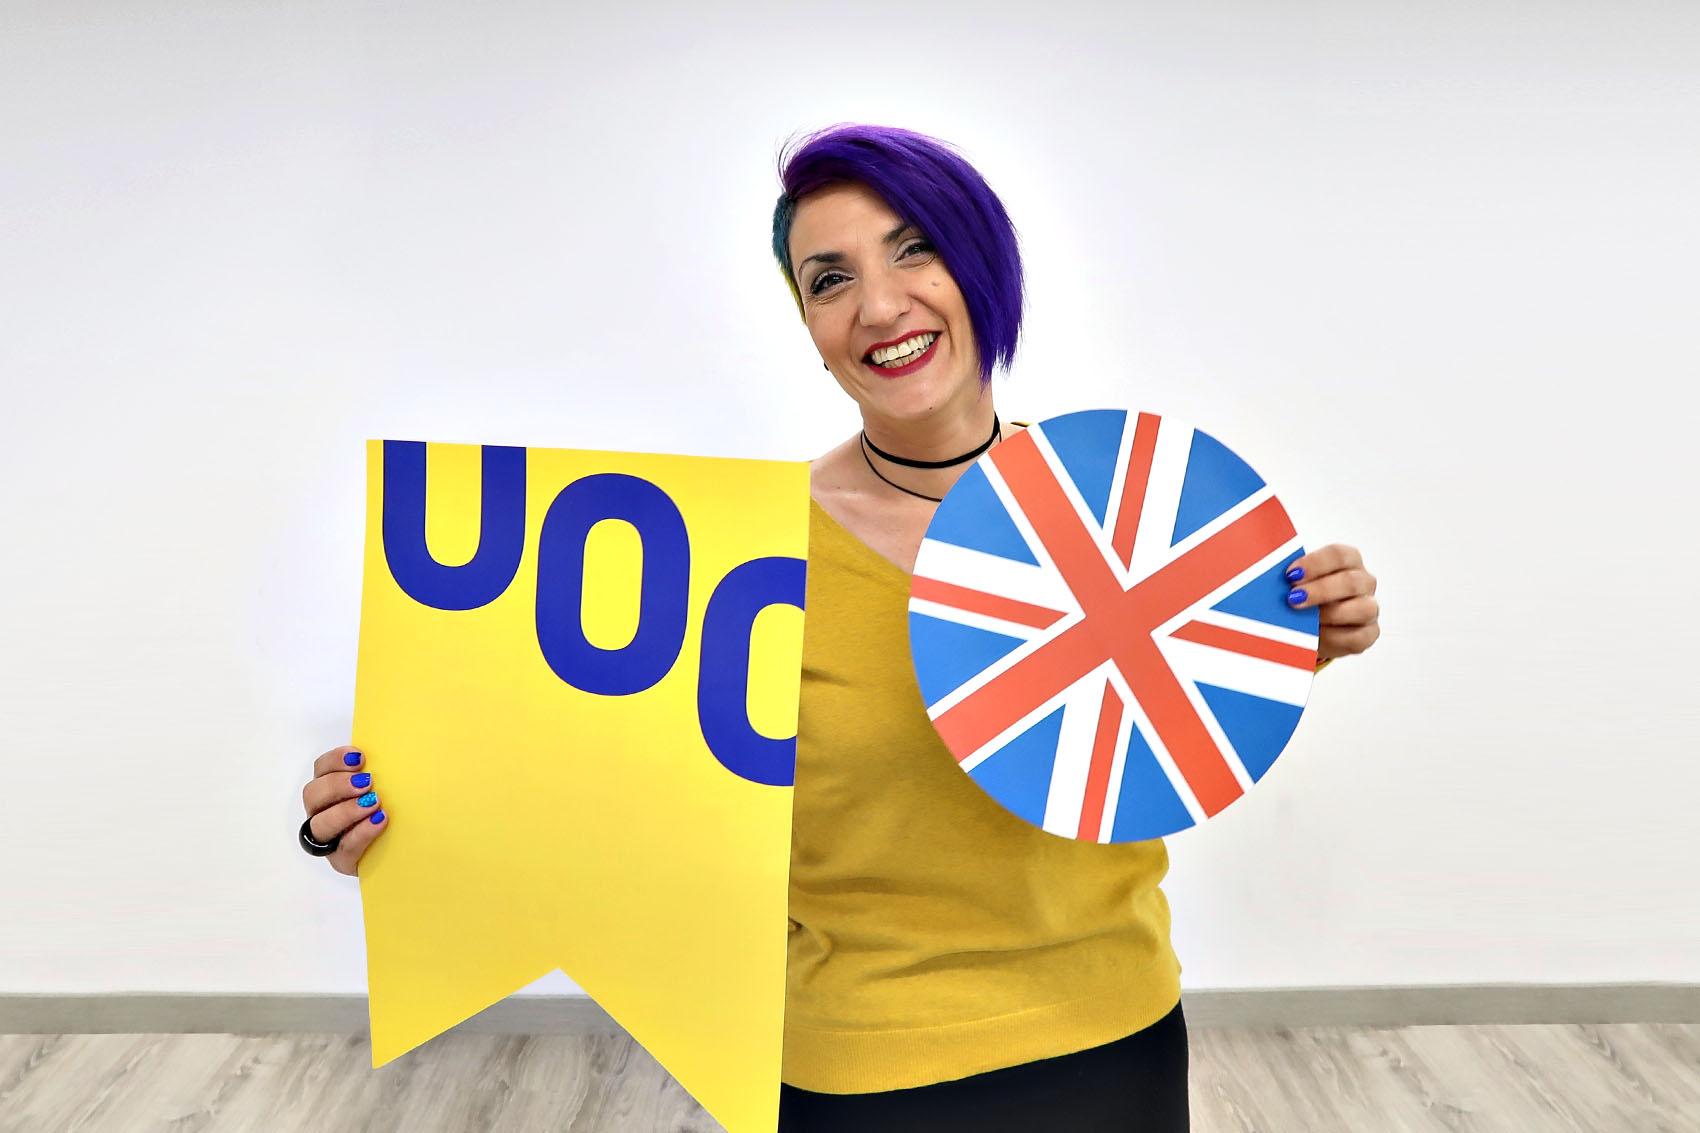 Dunya Martínez English teacher UOC